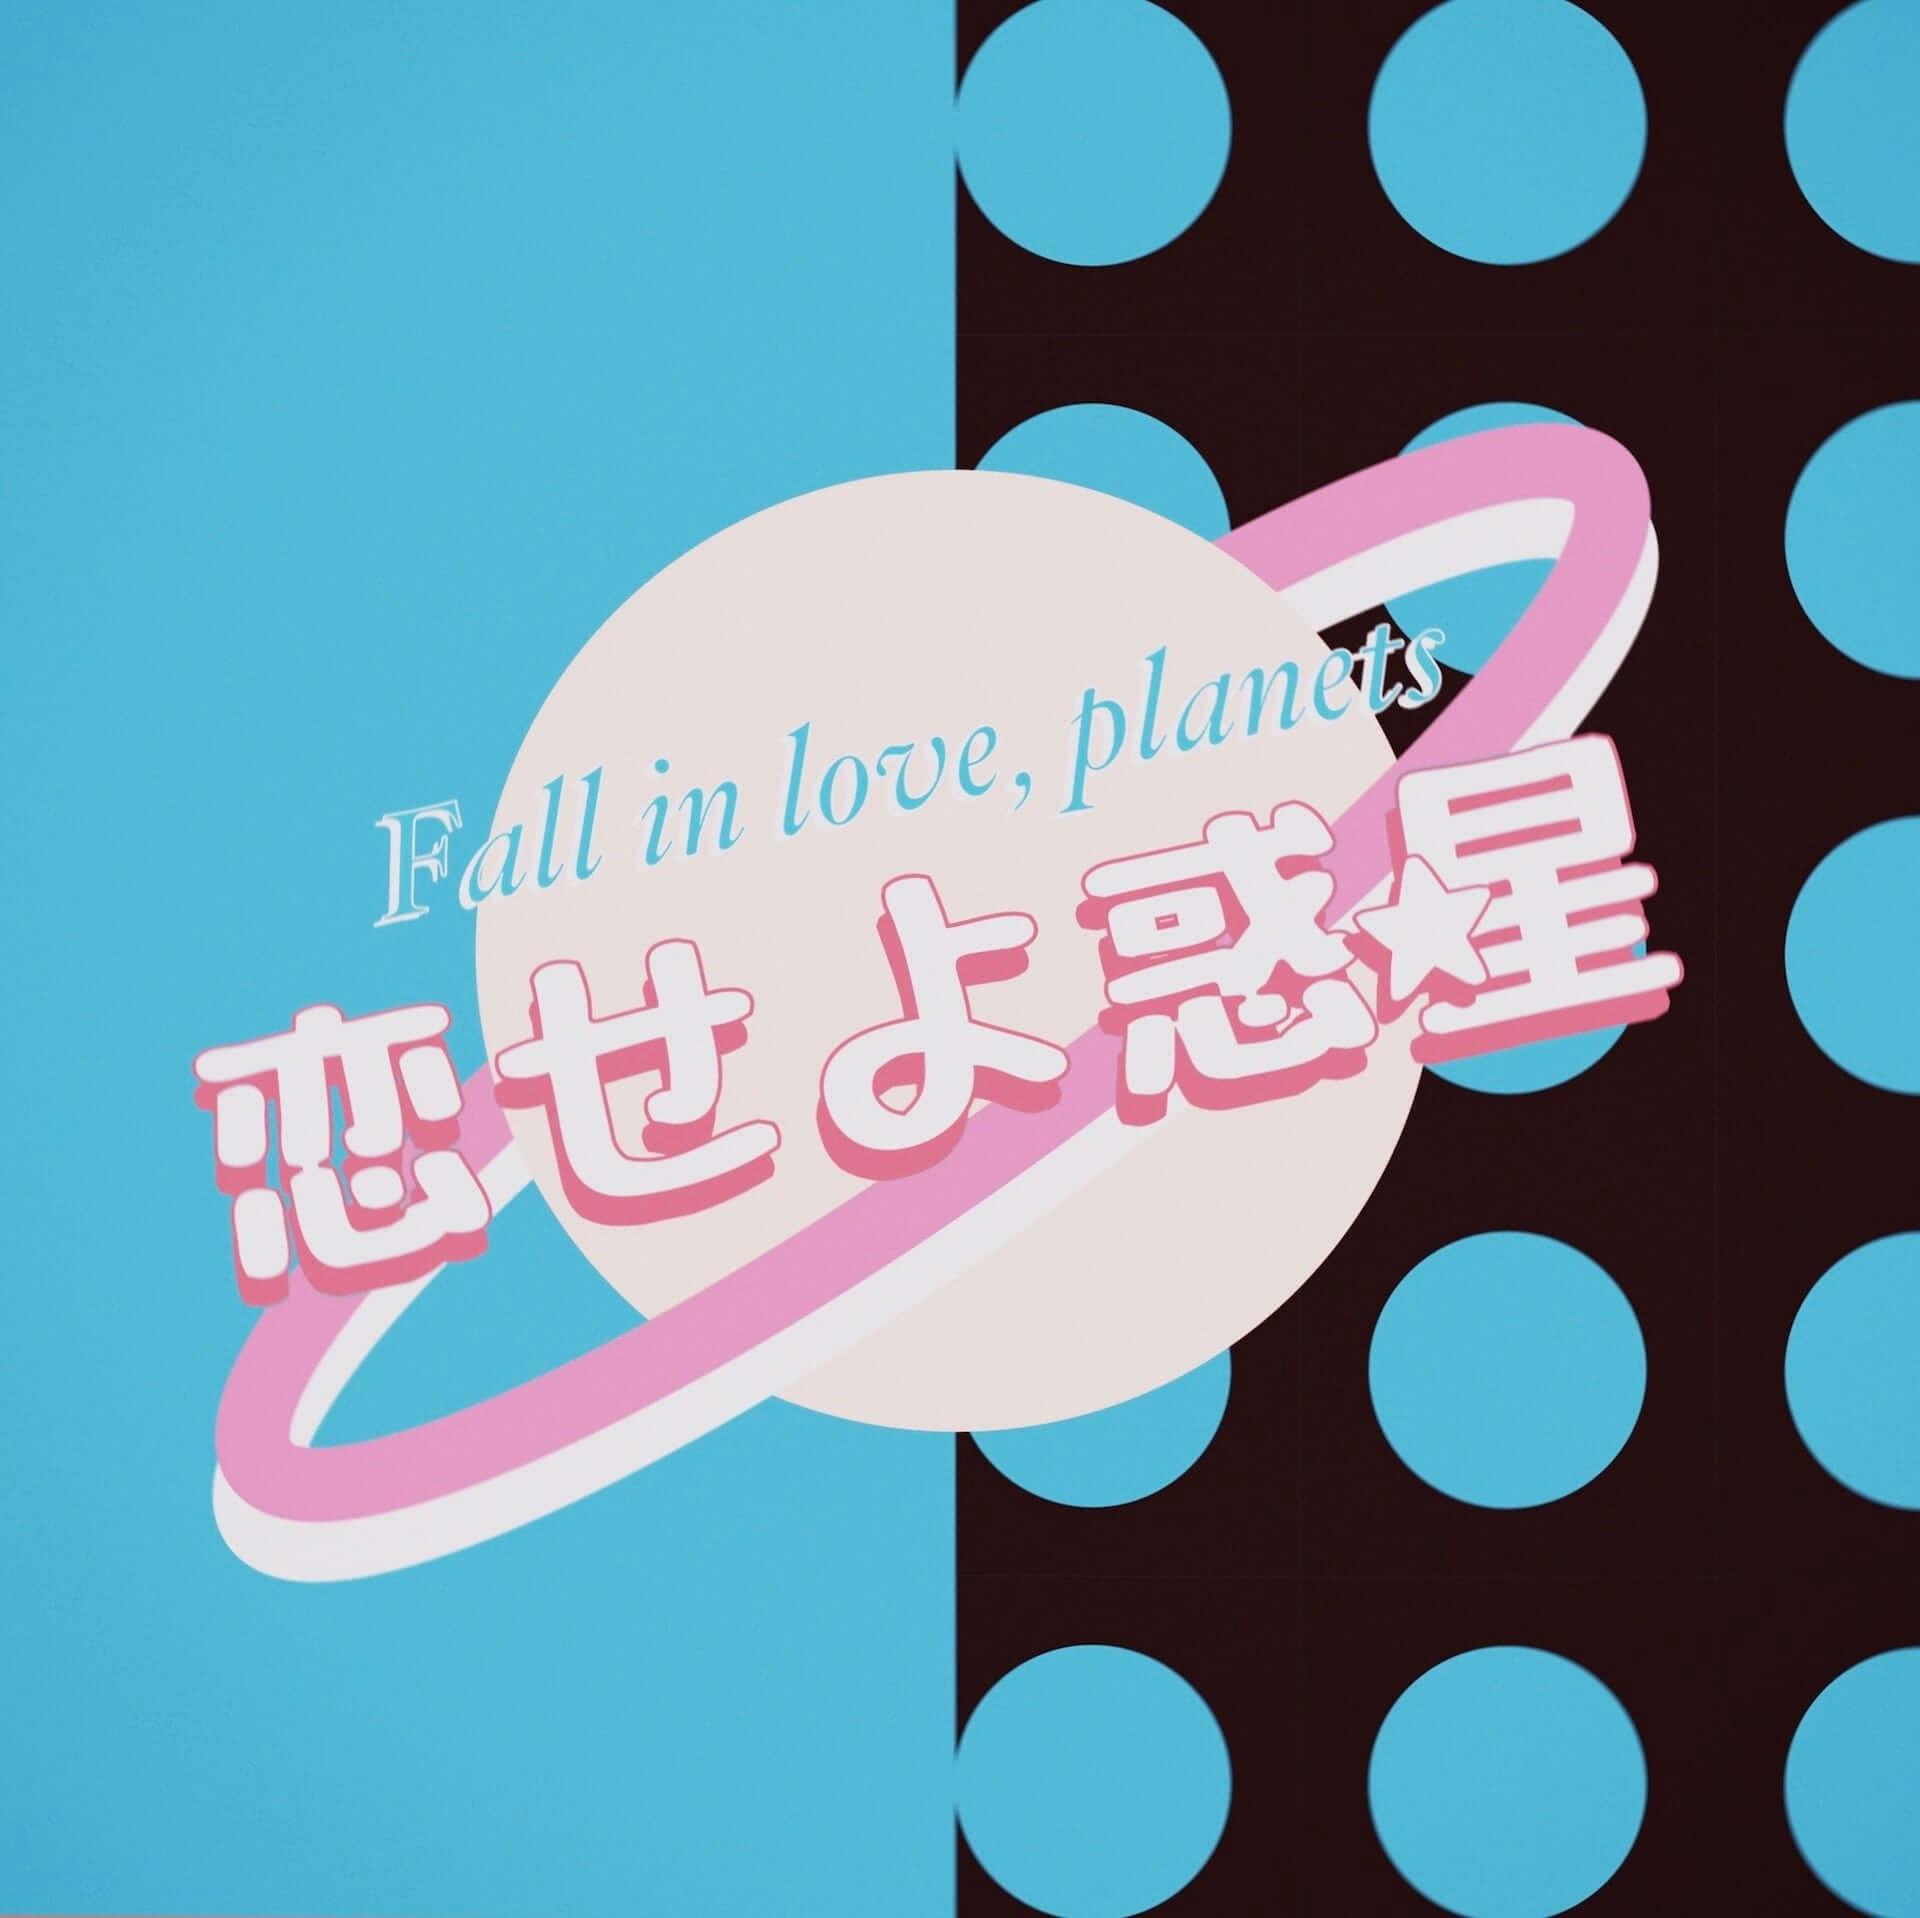 アマイワナの2nd EP『恋せよ惑星』がリリース決定!視聴会イベントが心斎橋にて開催&Instagram生配信も music201211_amaiwana_4-1920x1918